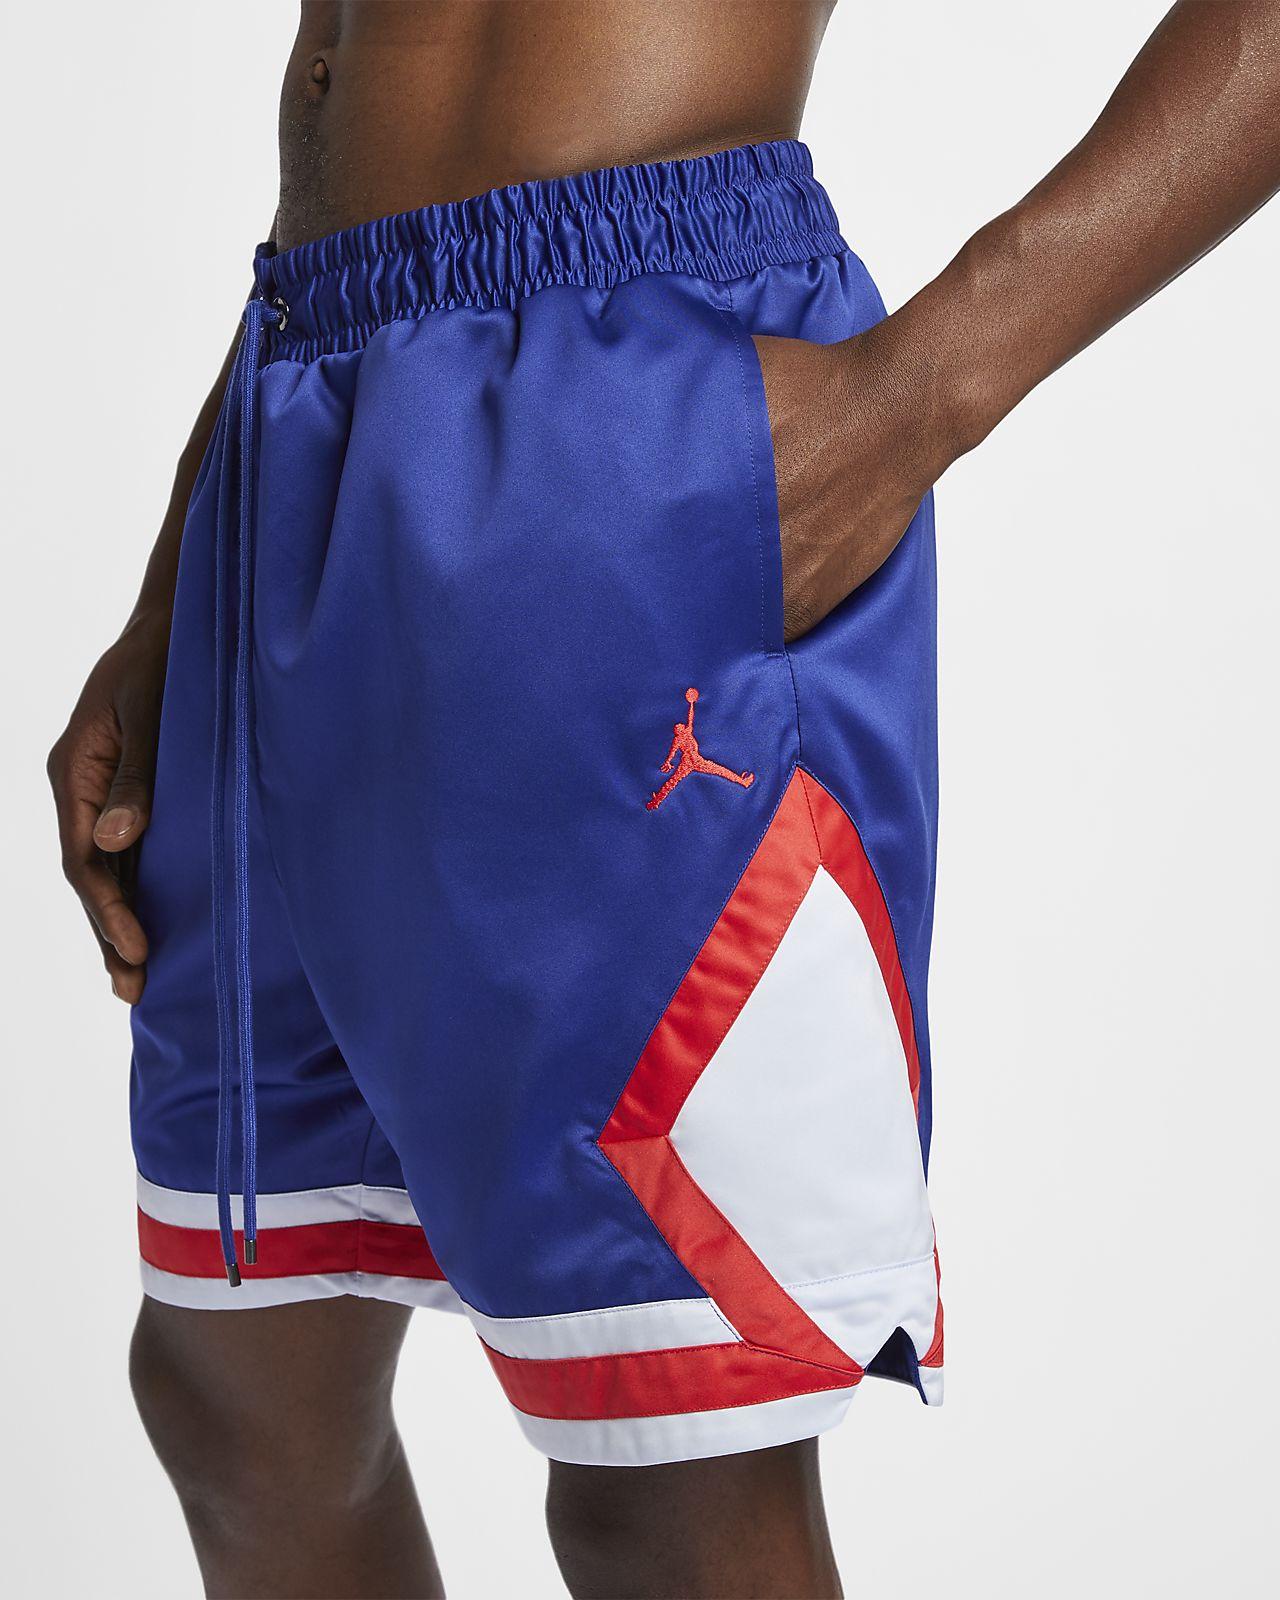 d8827e289aa ... low cost shorts para hombre jordan satin diamond a5e2a 4fa88